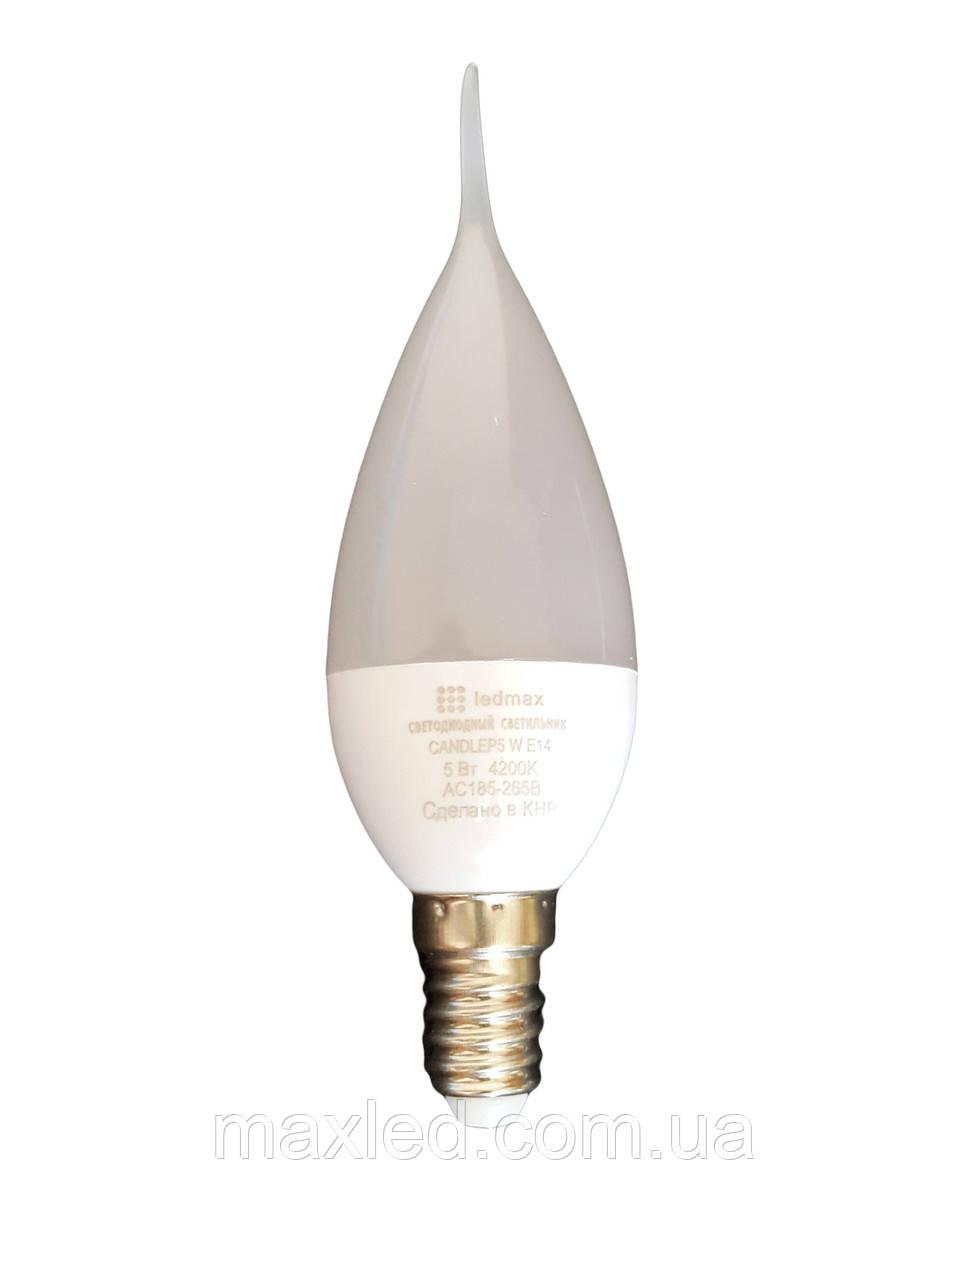 Светодиодная лампа LEDMAX CANDLEP5 W Е14 220В